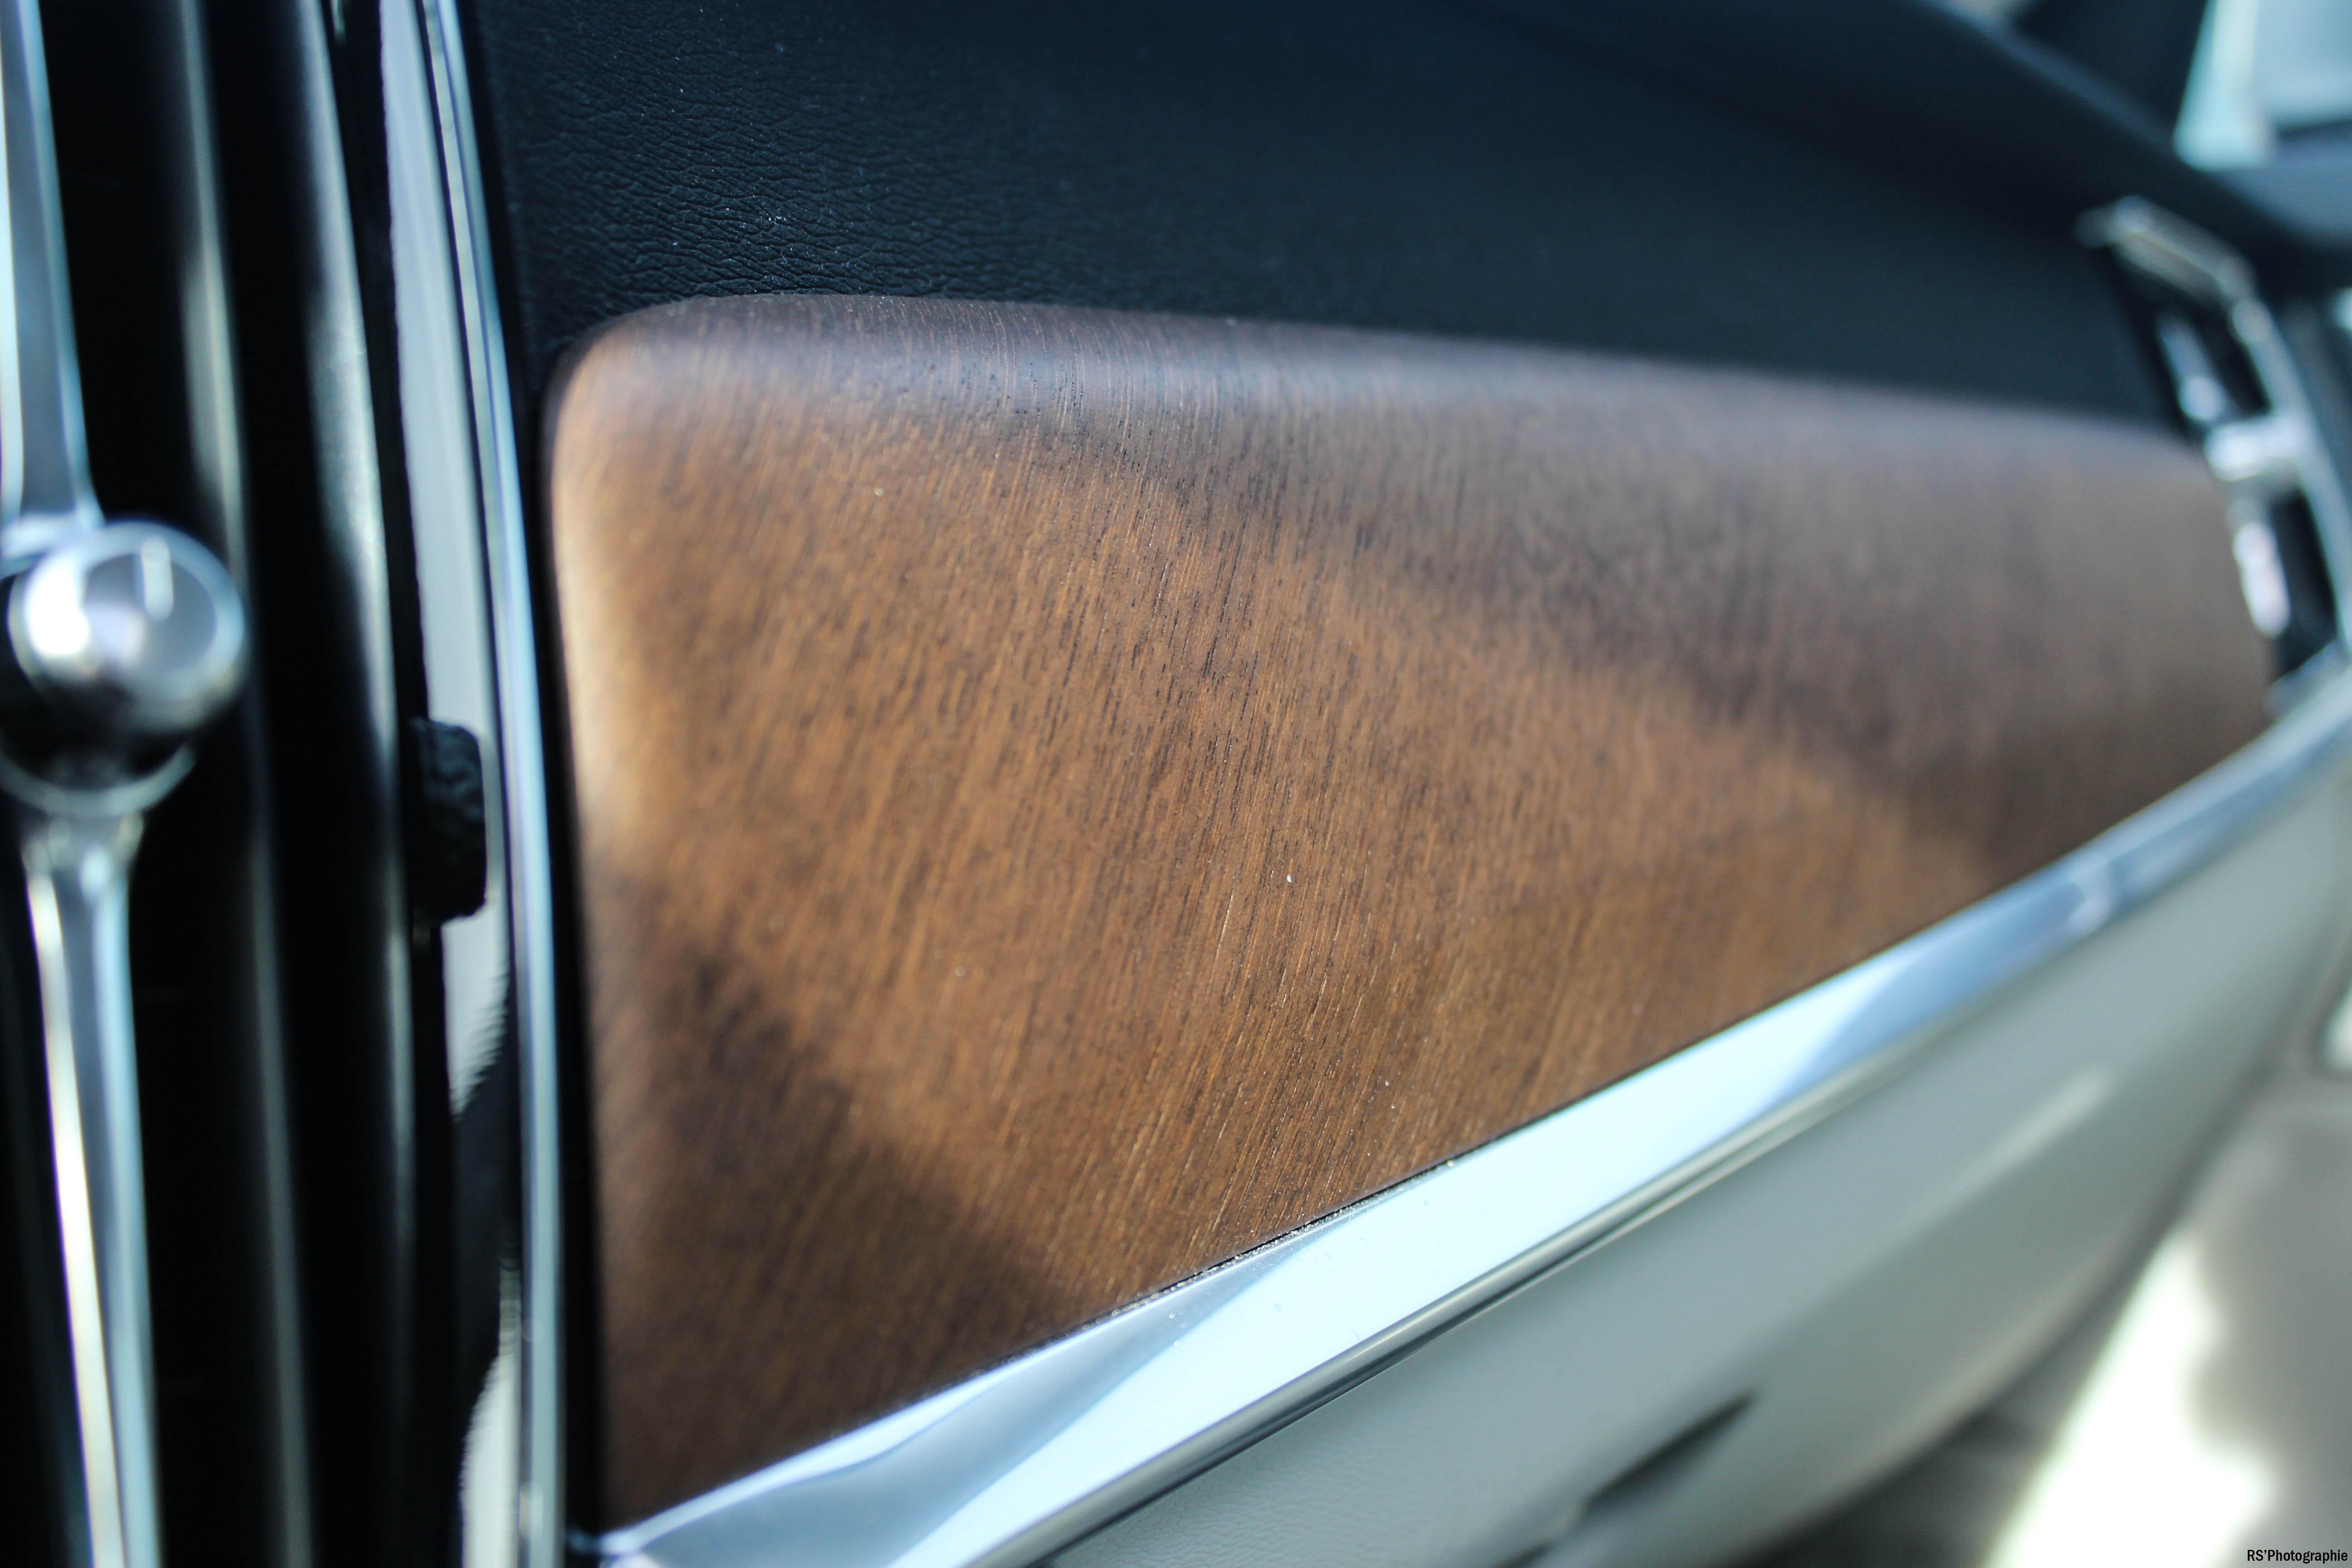 VolvoV902-volvo-v90-d5-intérieur-onboard-arnaud-demasier-RSPhotographie